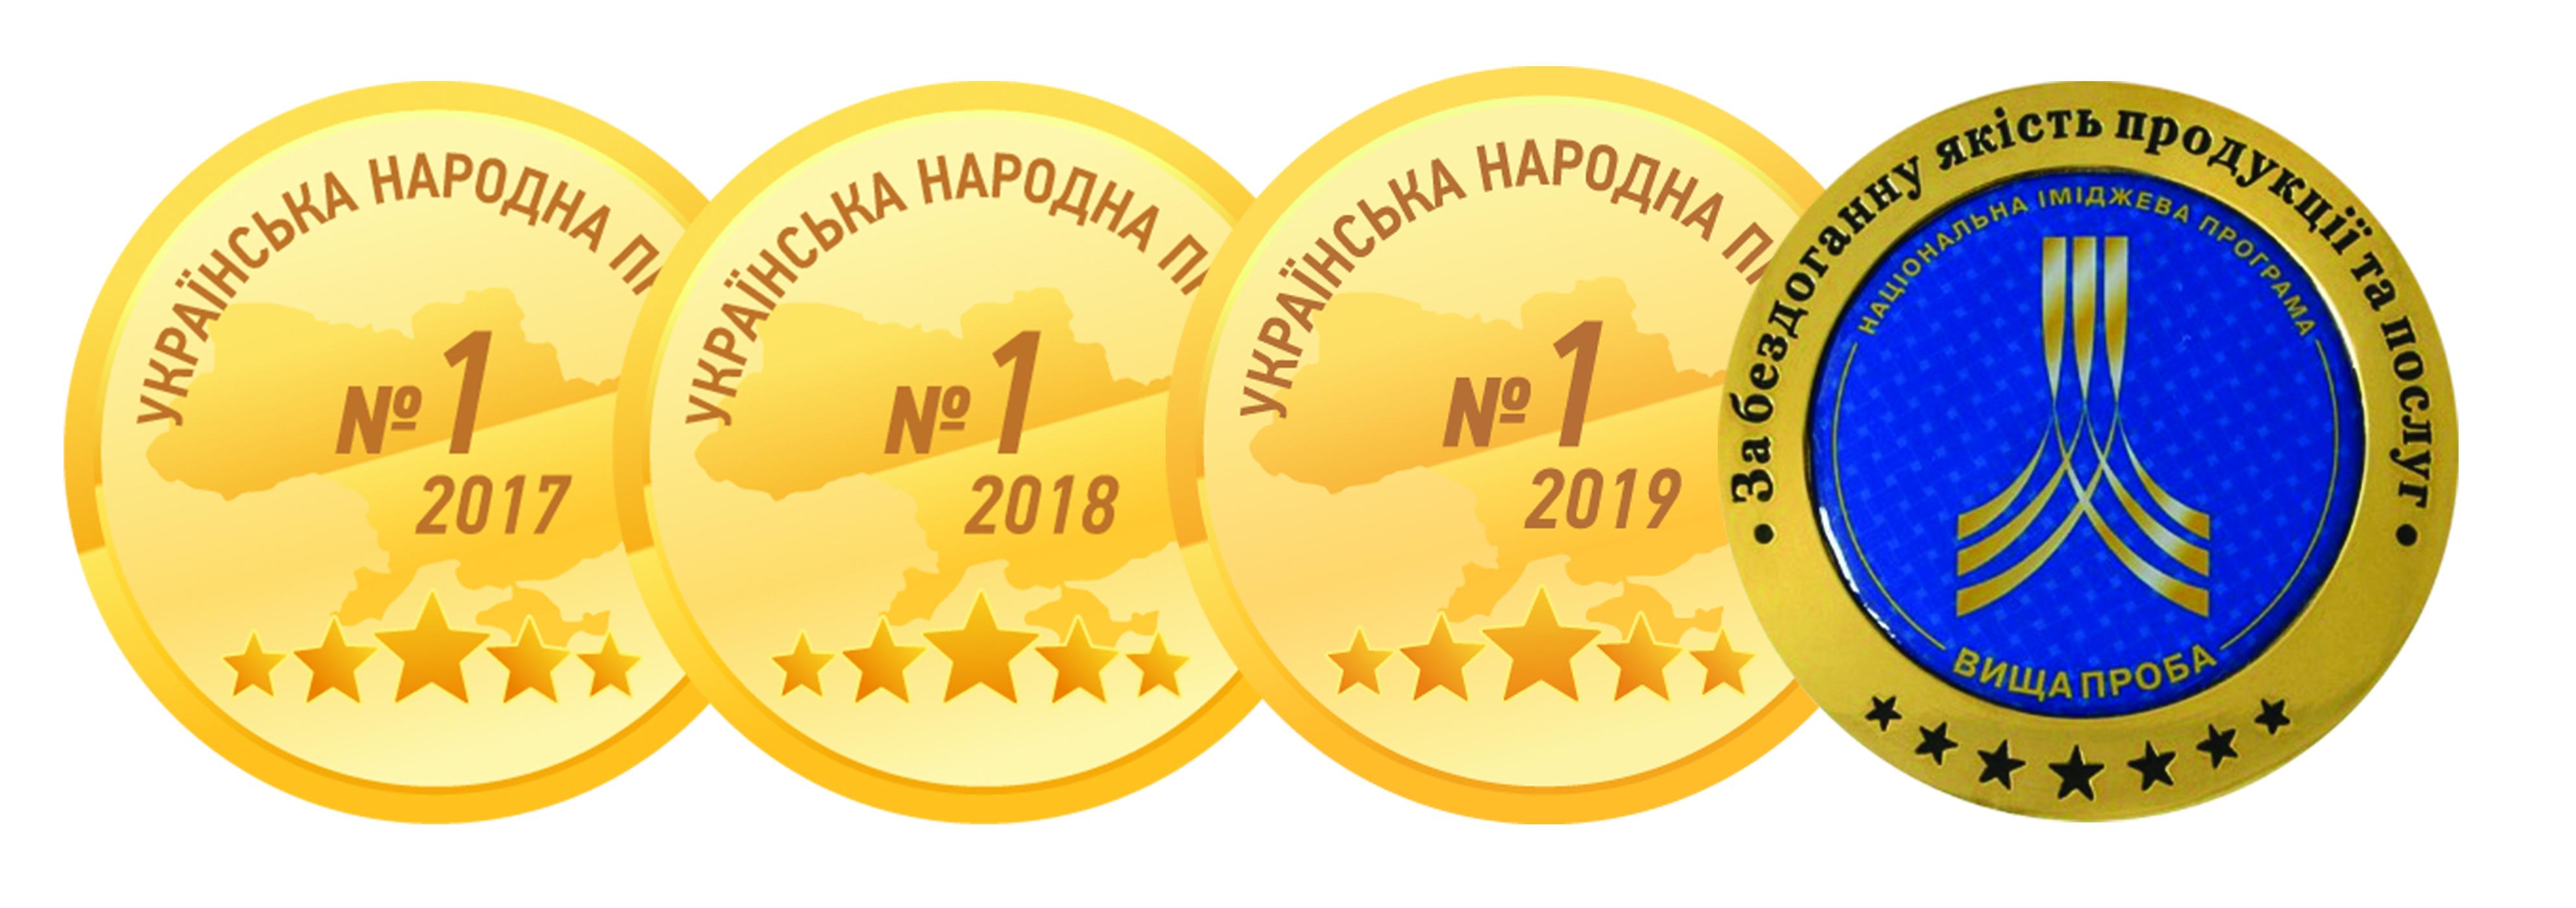 Нагорода Українська народна премія